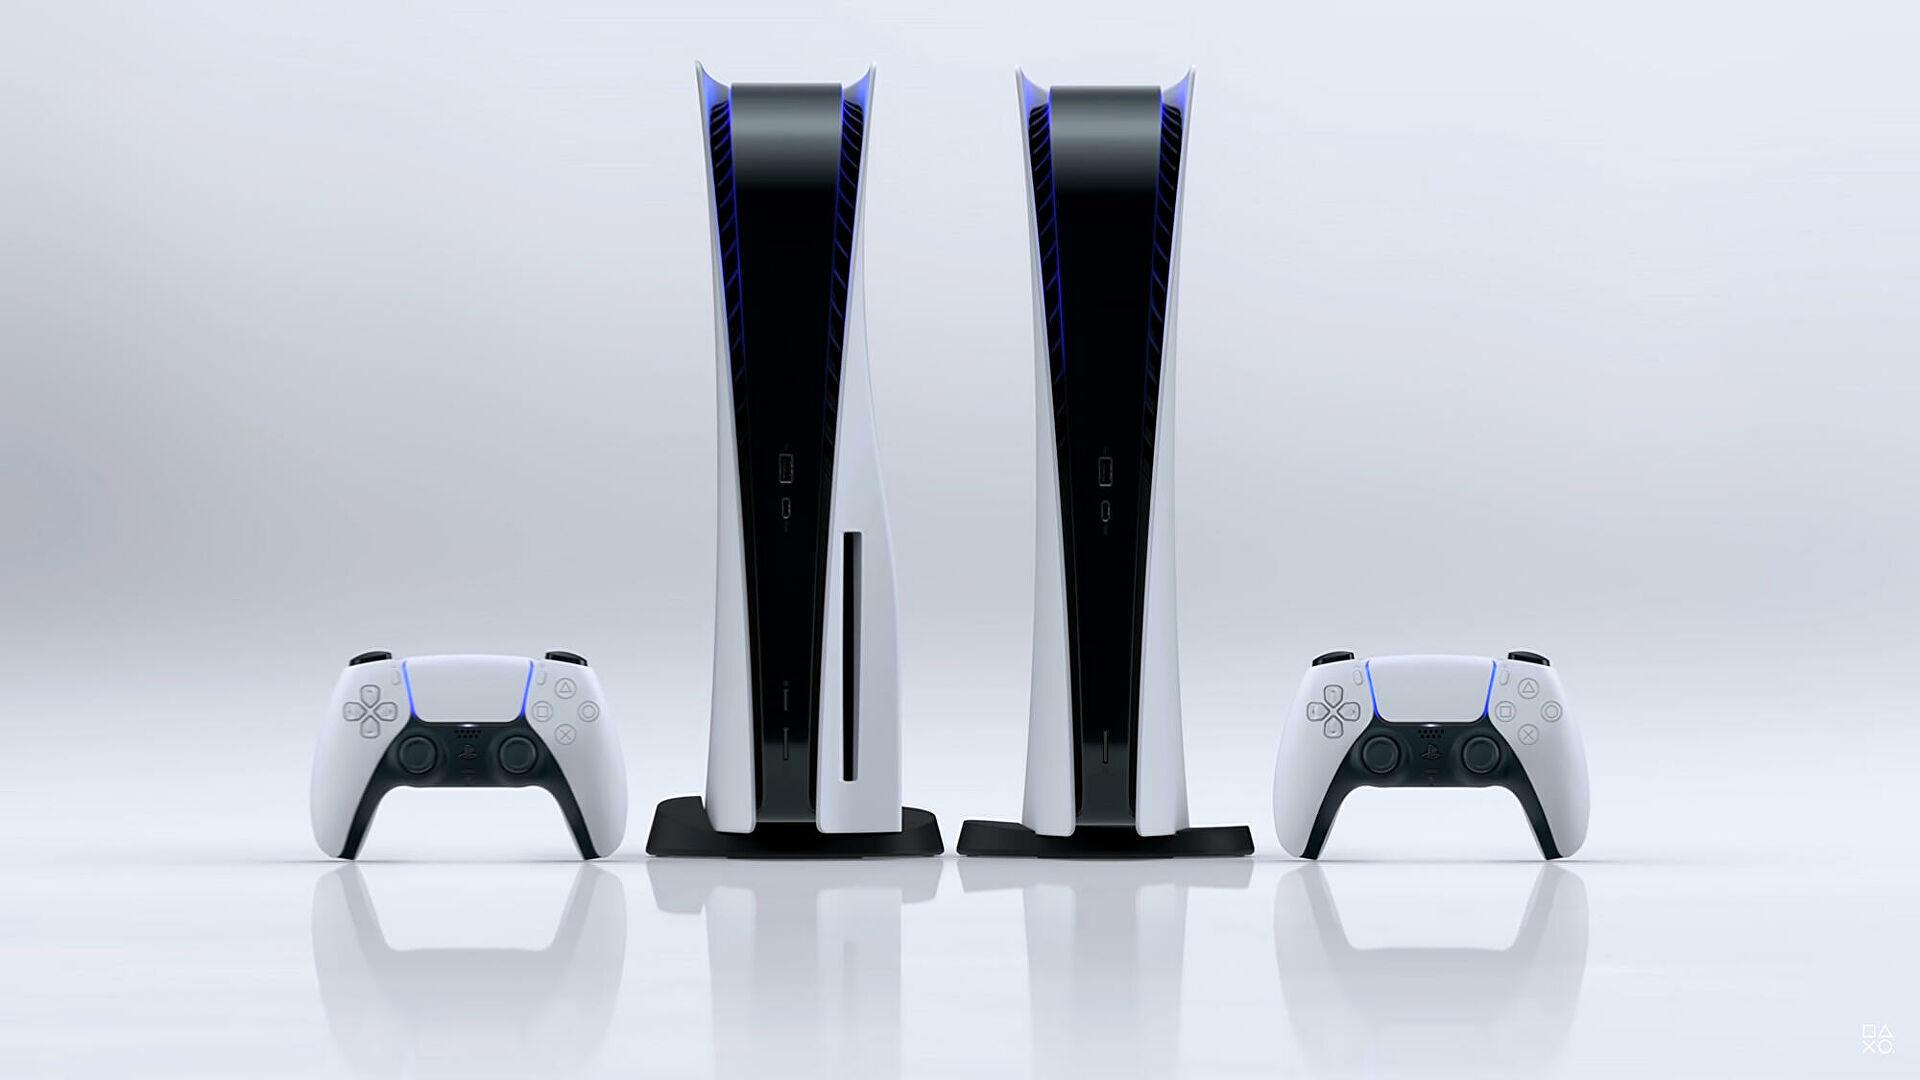 Завтра в Россию привезут новую партию PlayStation 5